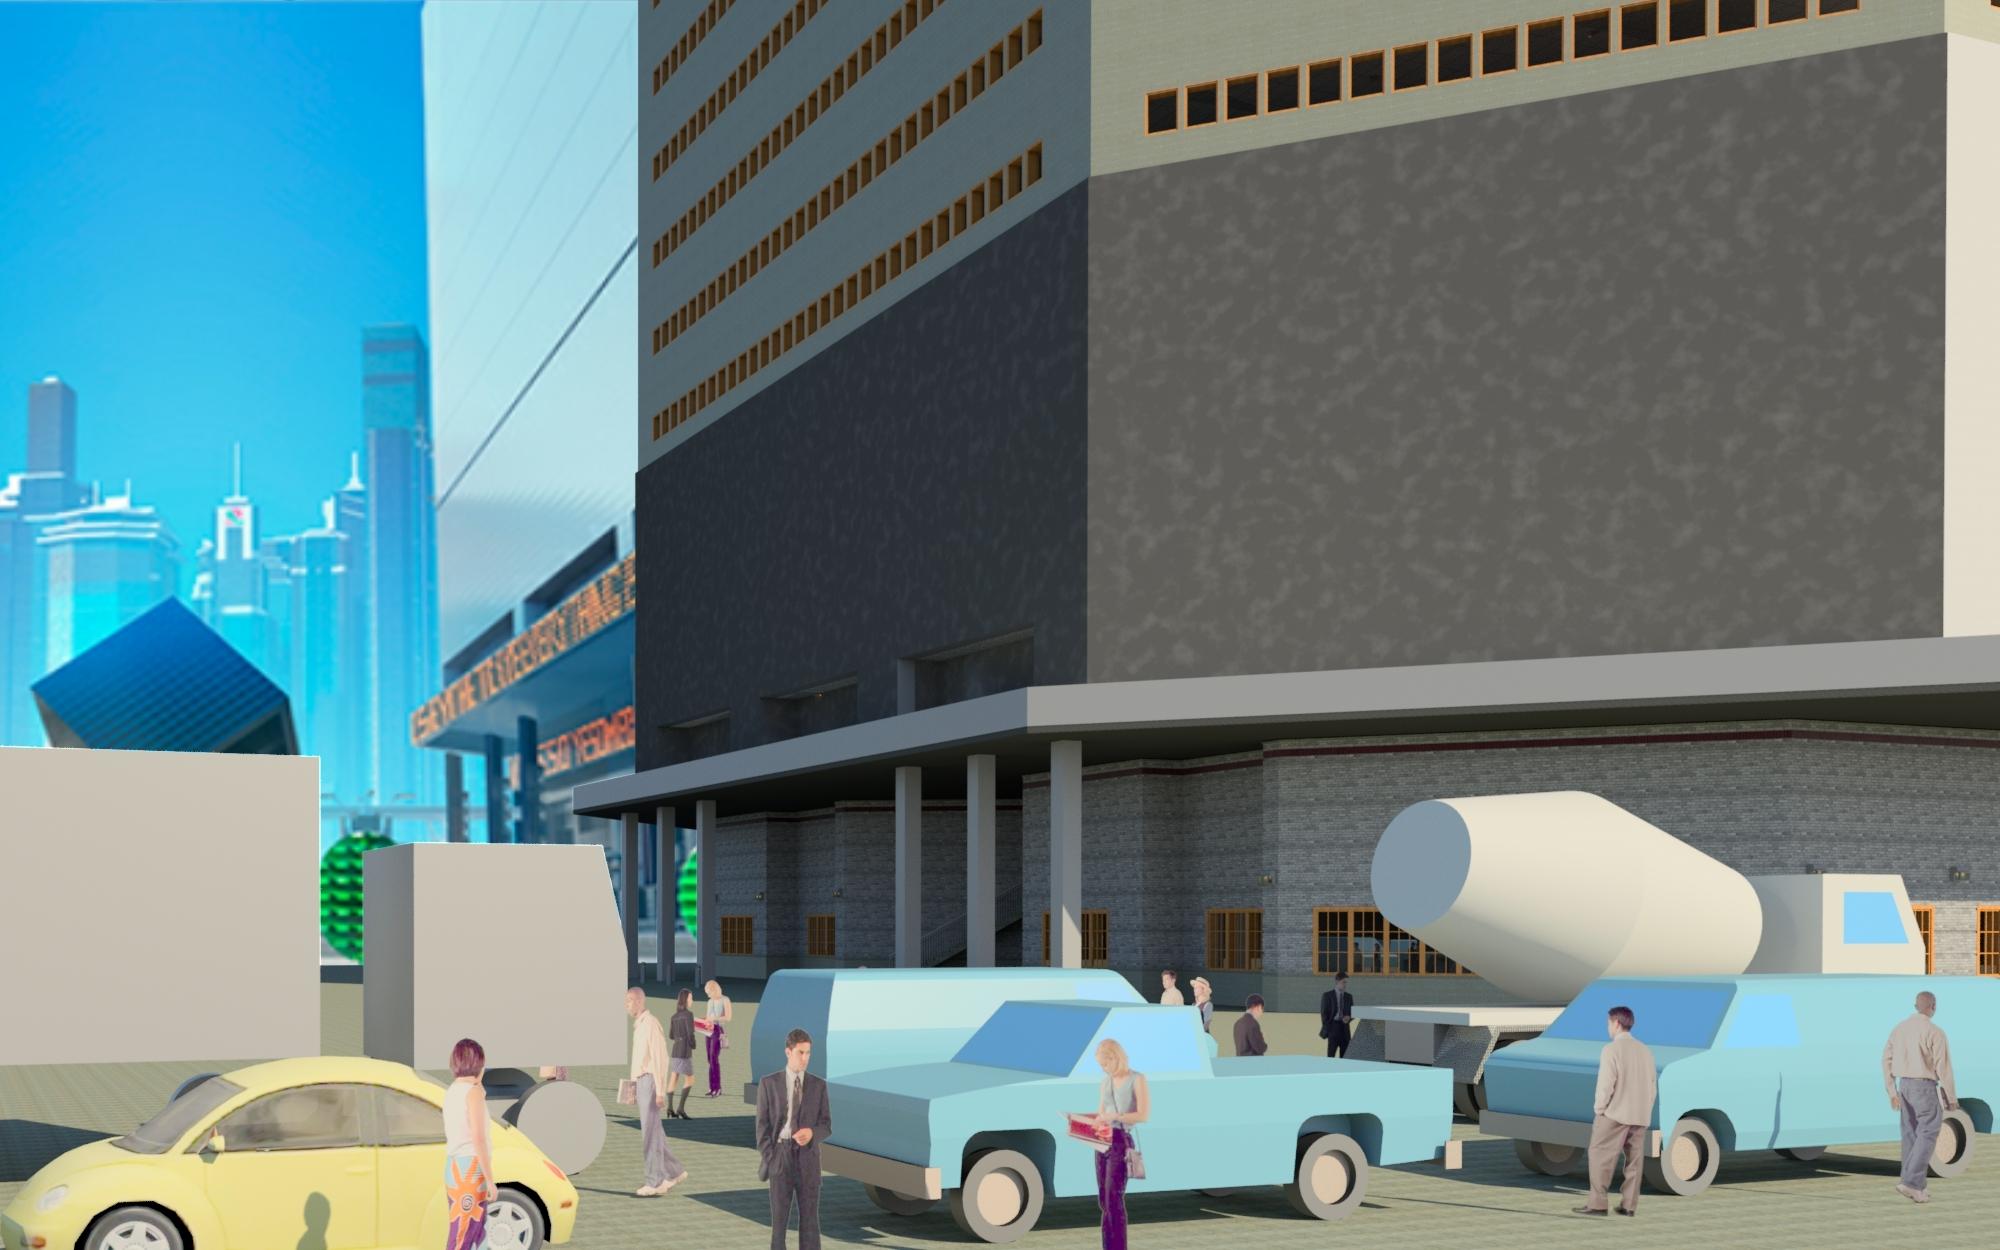 Raas-rendering20141203-12861-1xvwpj2